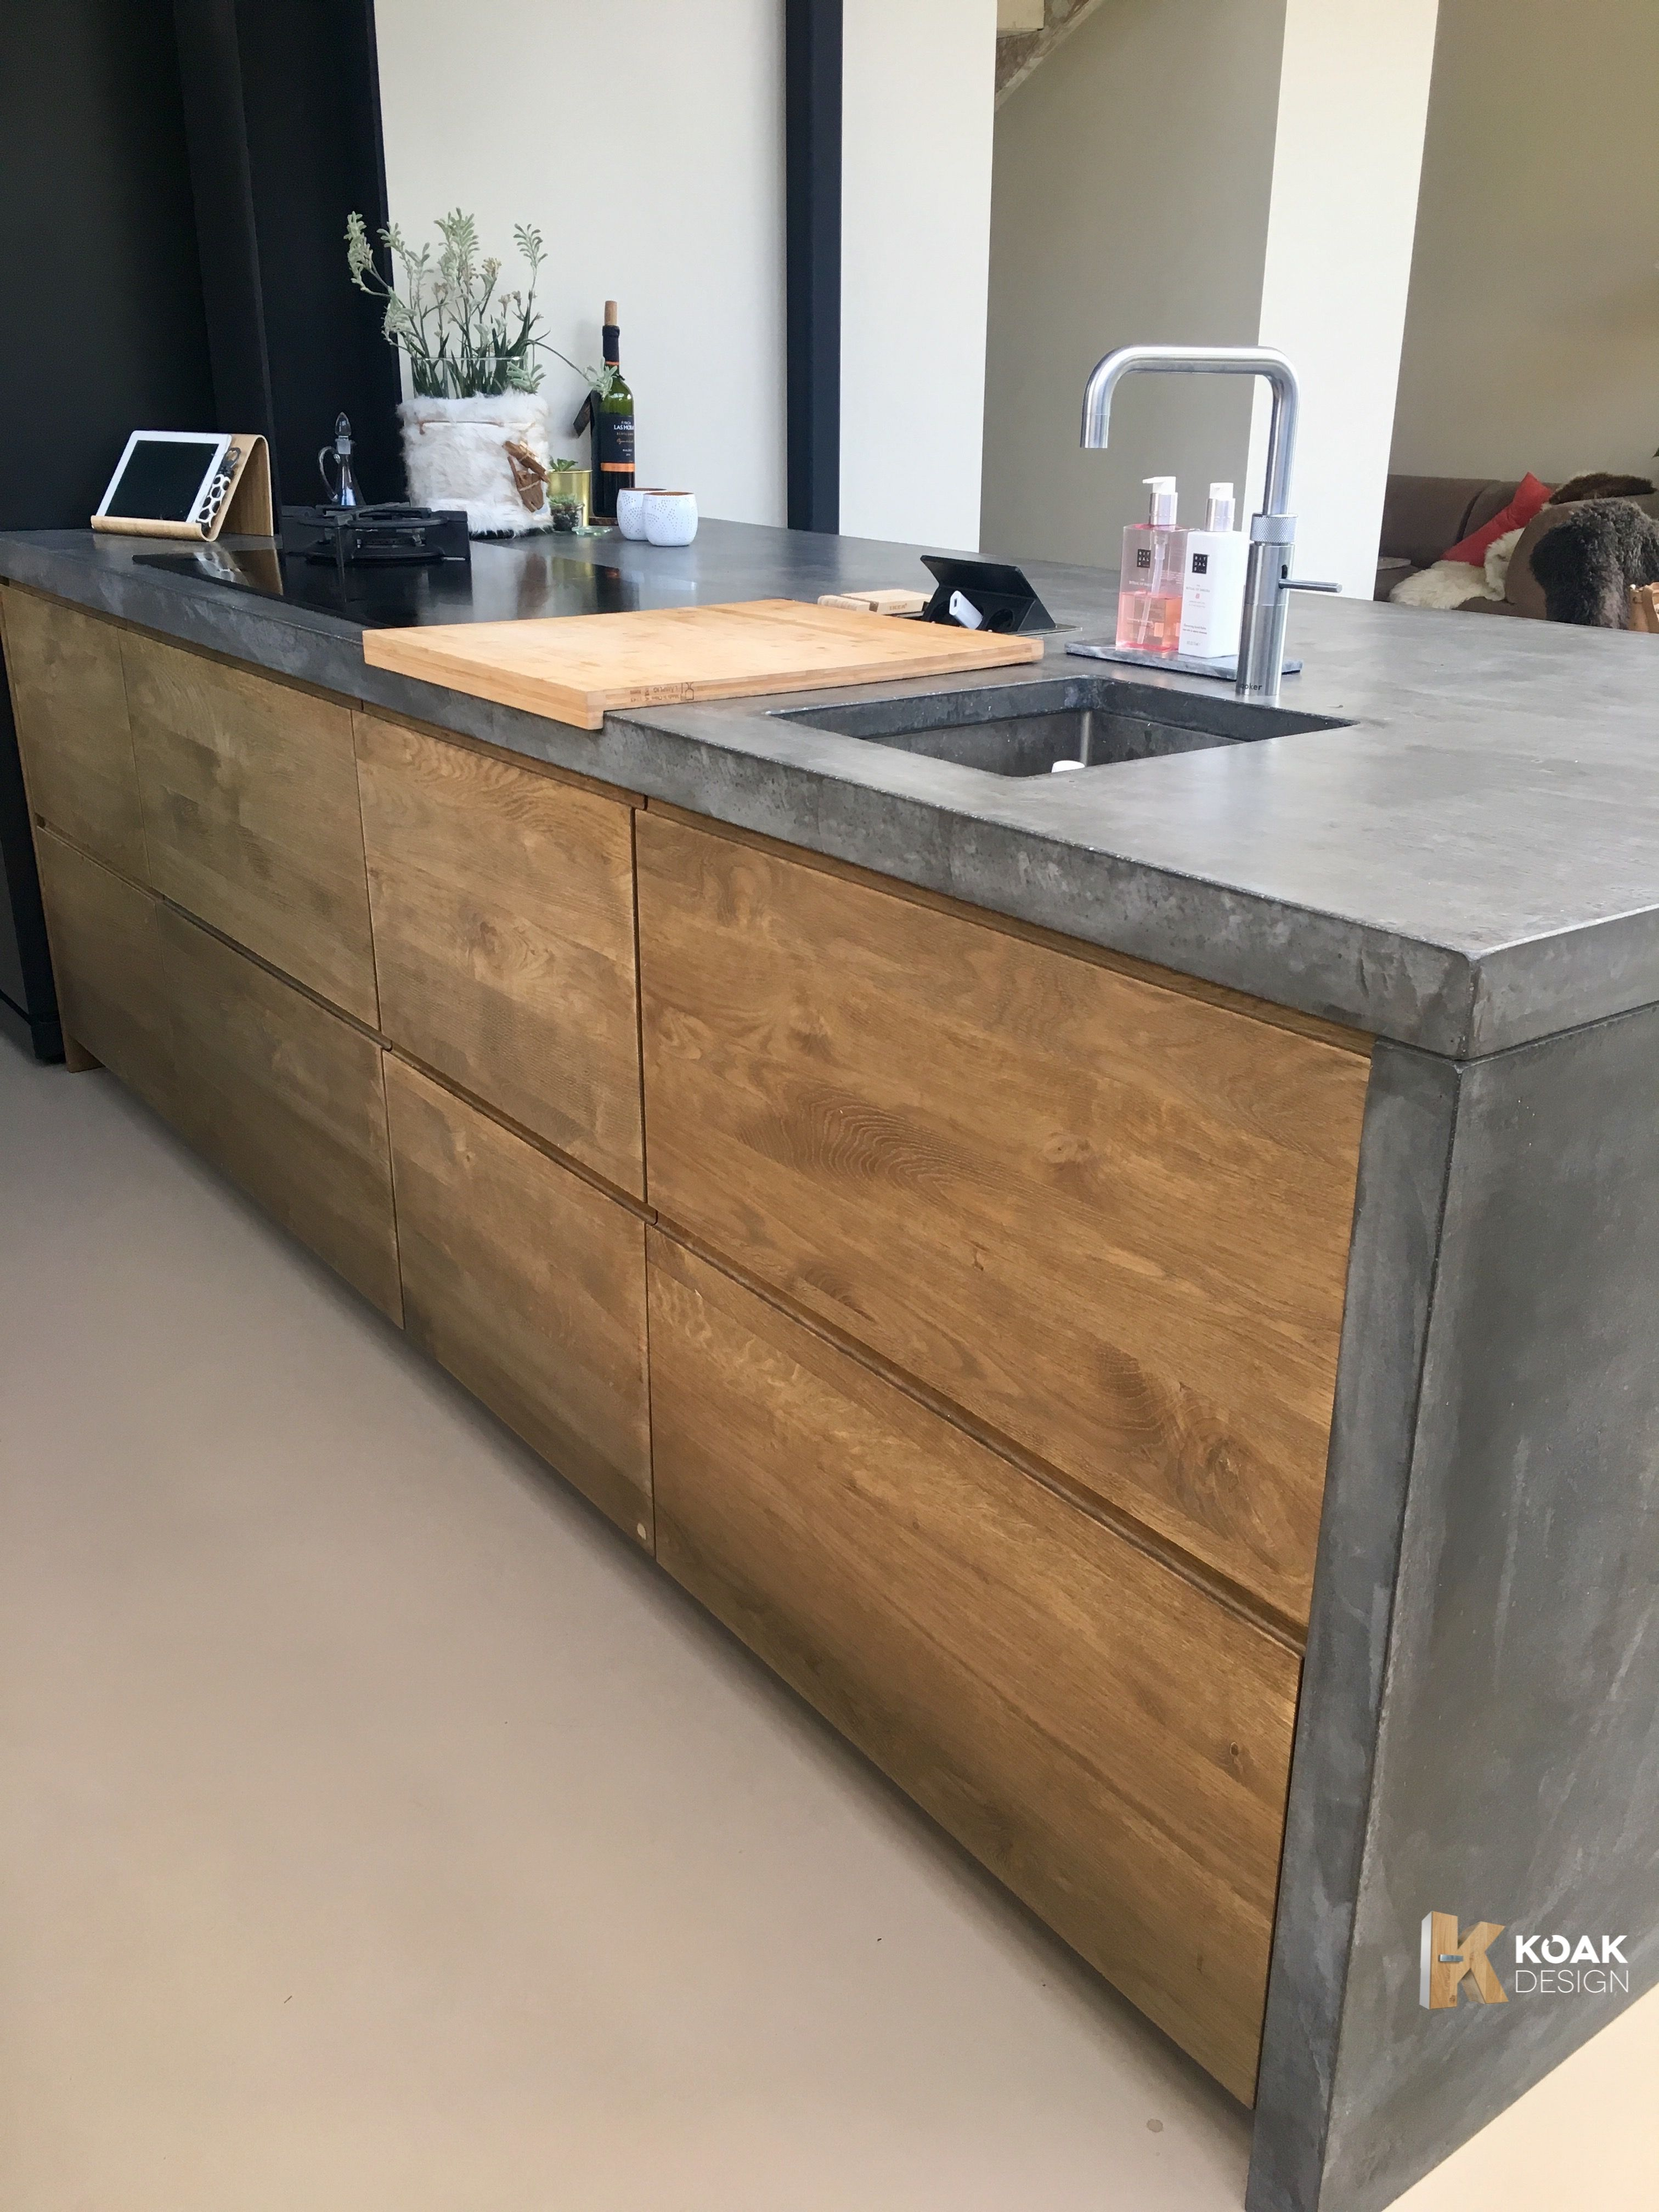 KOAK DESIGN maakt fronten voor IKEA keukens Metod van echt hout